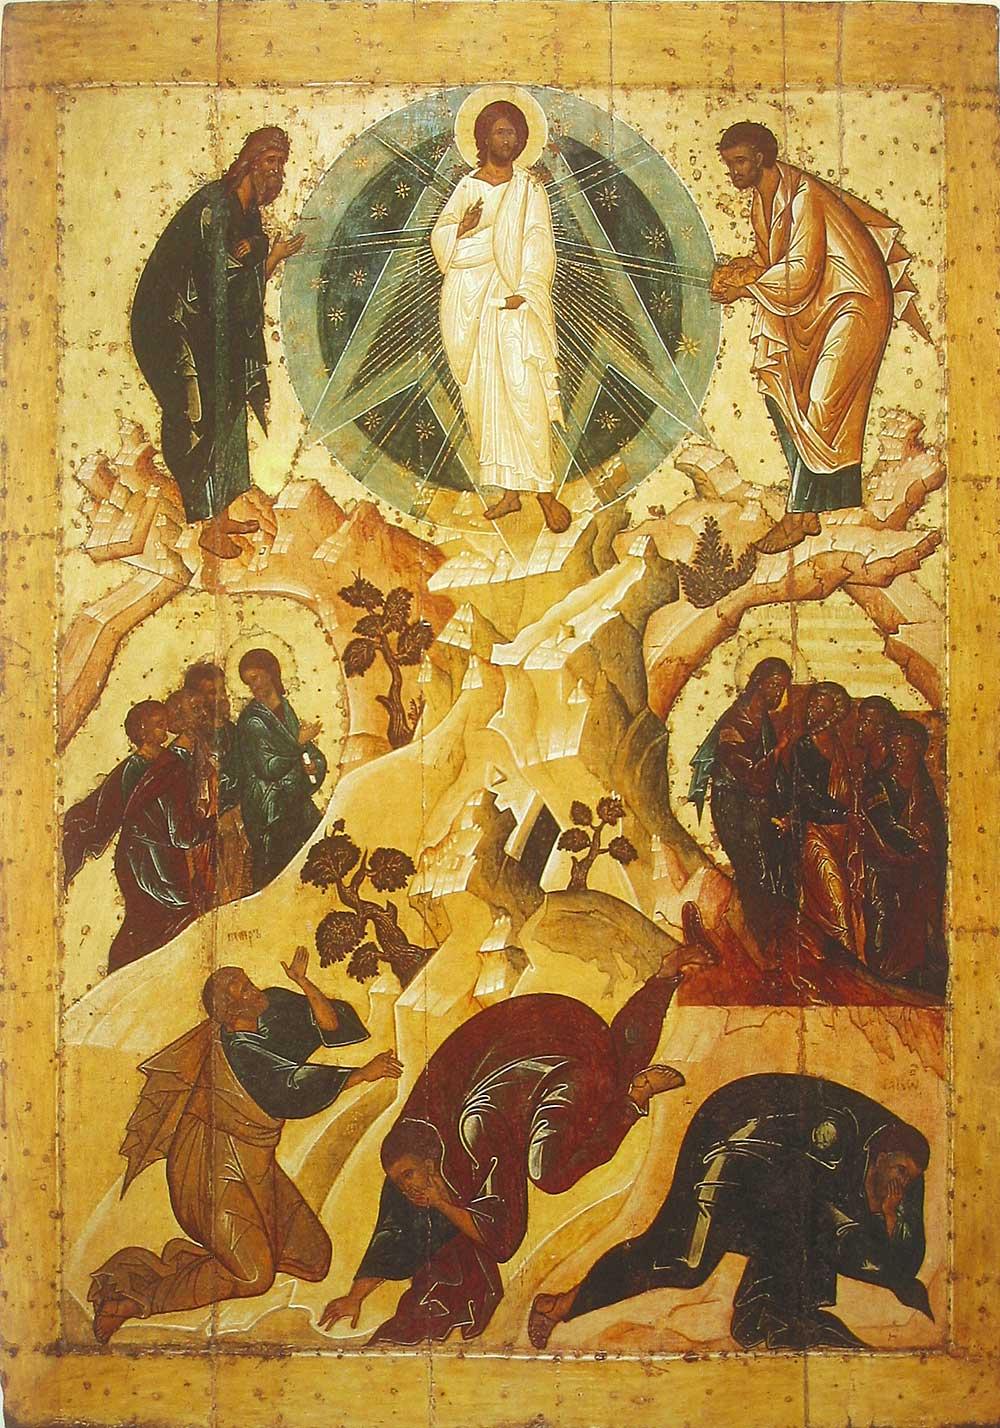 https://upload.wikimedia.org/wikipedia/commons/b/b0/Icon_of_transfiguration_%28Spaso-Preobrazhensky_Monastery%2C_Yaroslavl%29.jpg